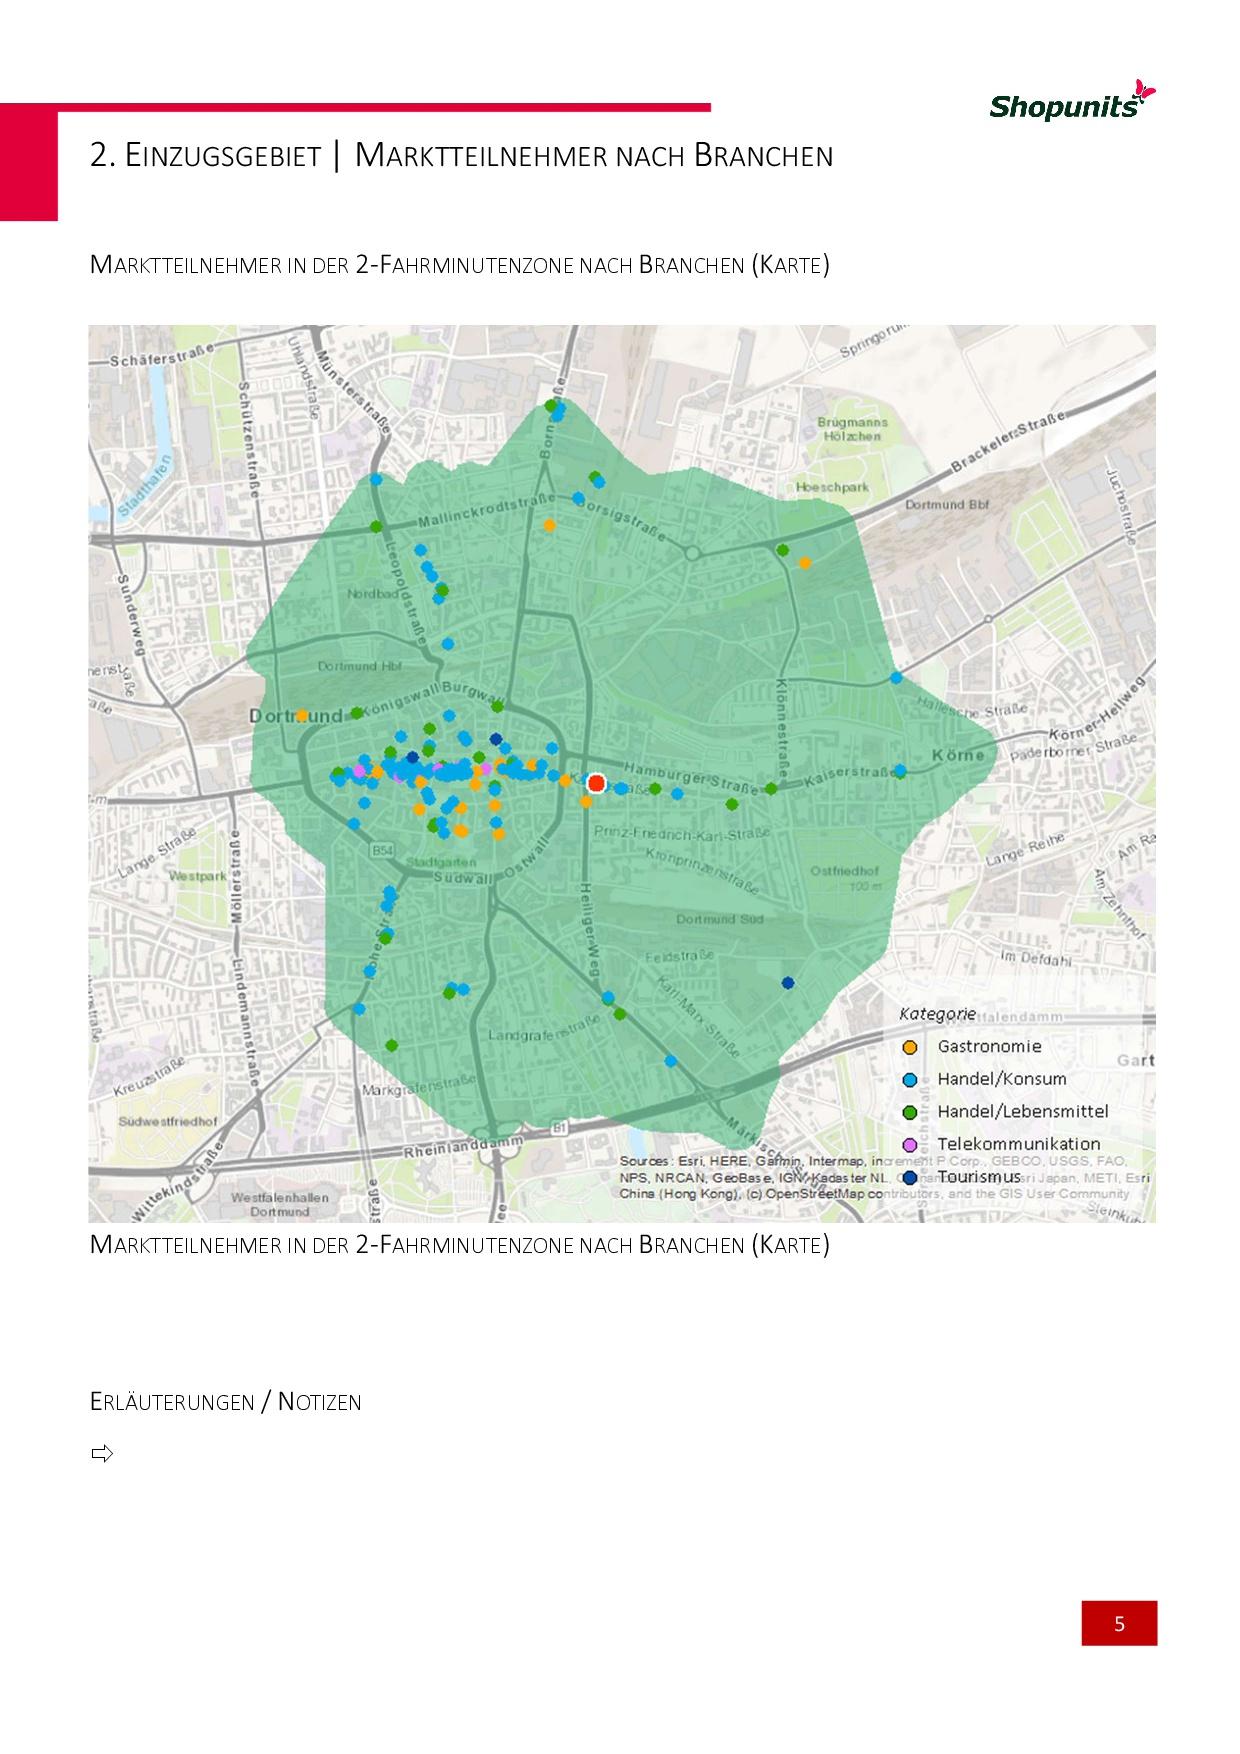 Go*Local - Online-Analysen für Markt, Standort und Wettbewerb, hier: Marktteilner nach Fahrminutenzone